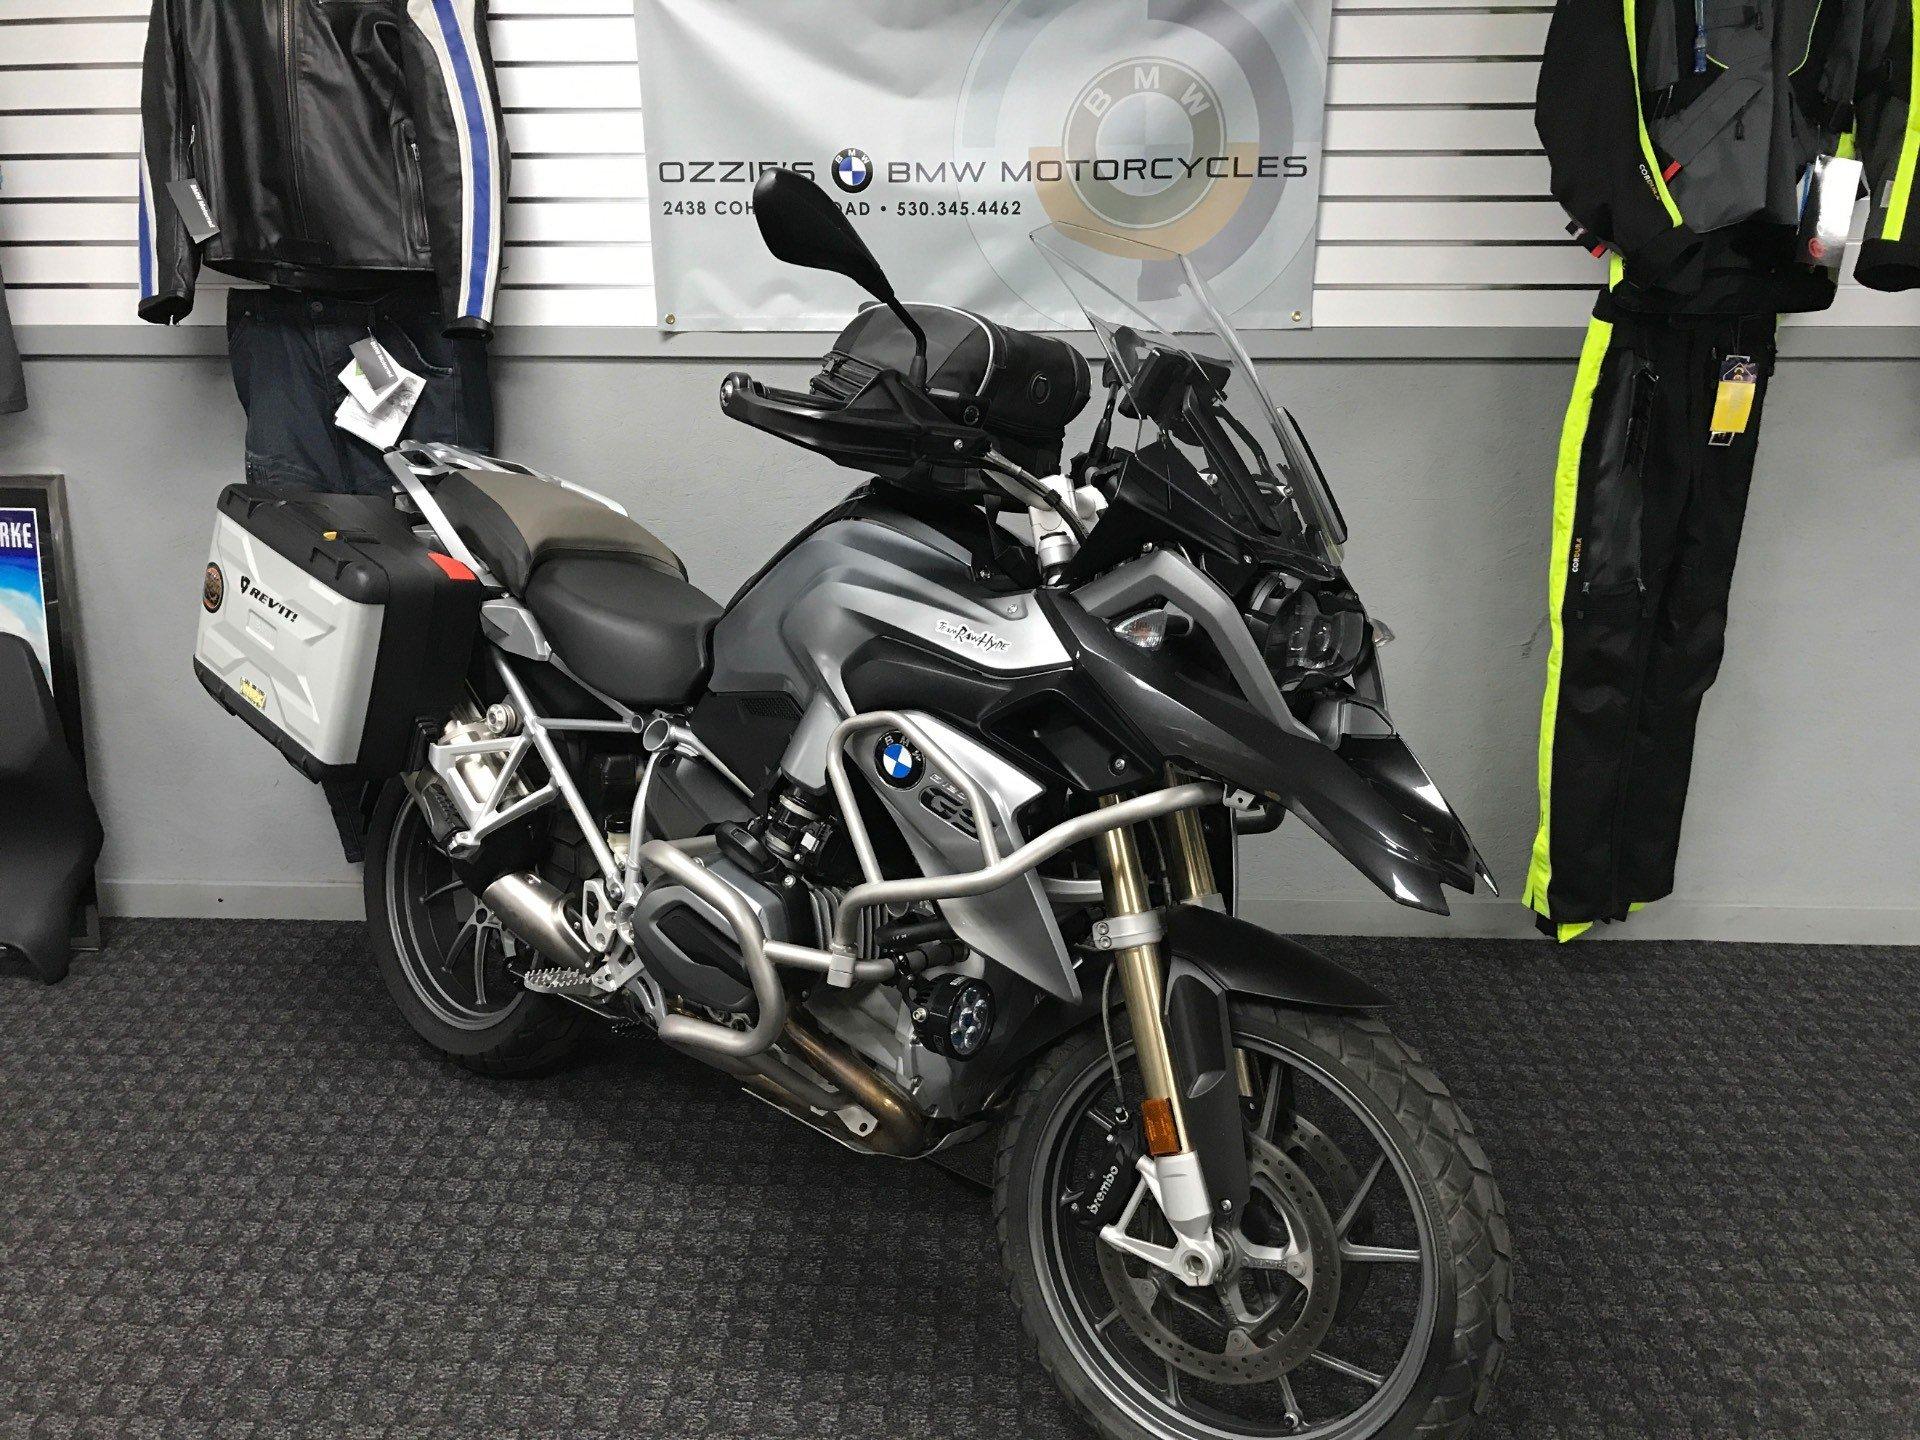 2013 BMW R 1200 GS 4